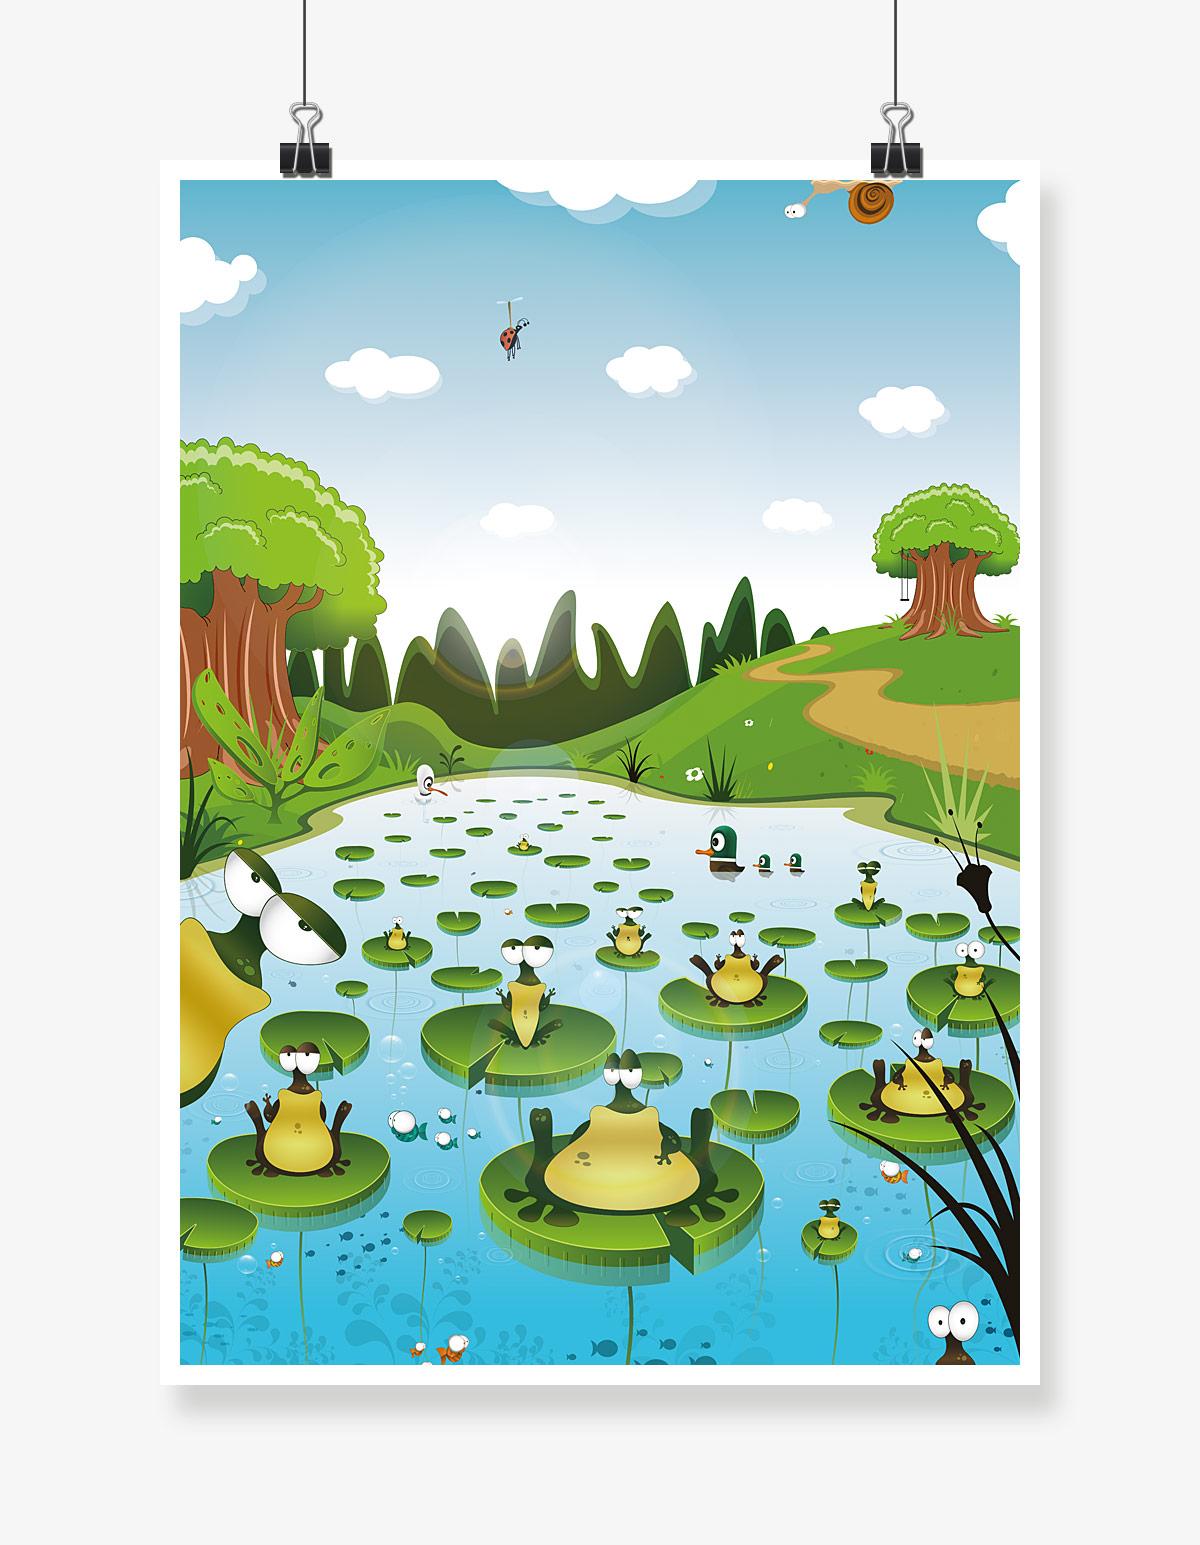 think_illustration_ferienspiele_plakat_illustration_2012_01